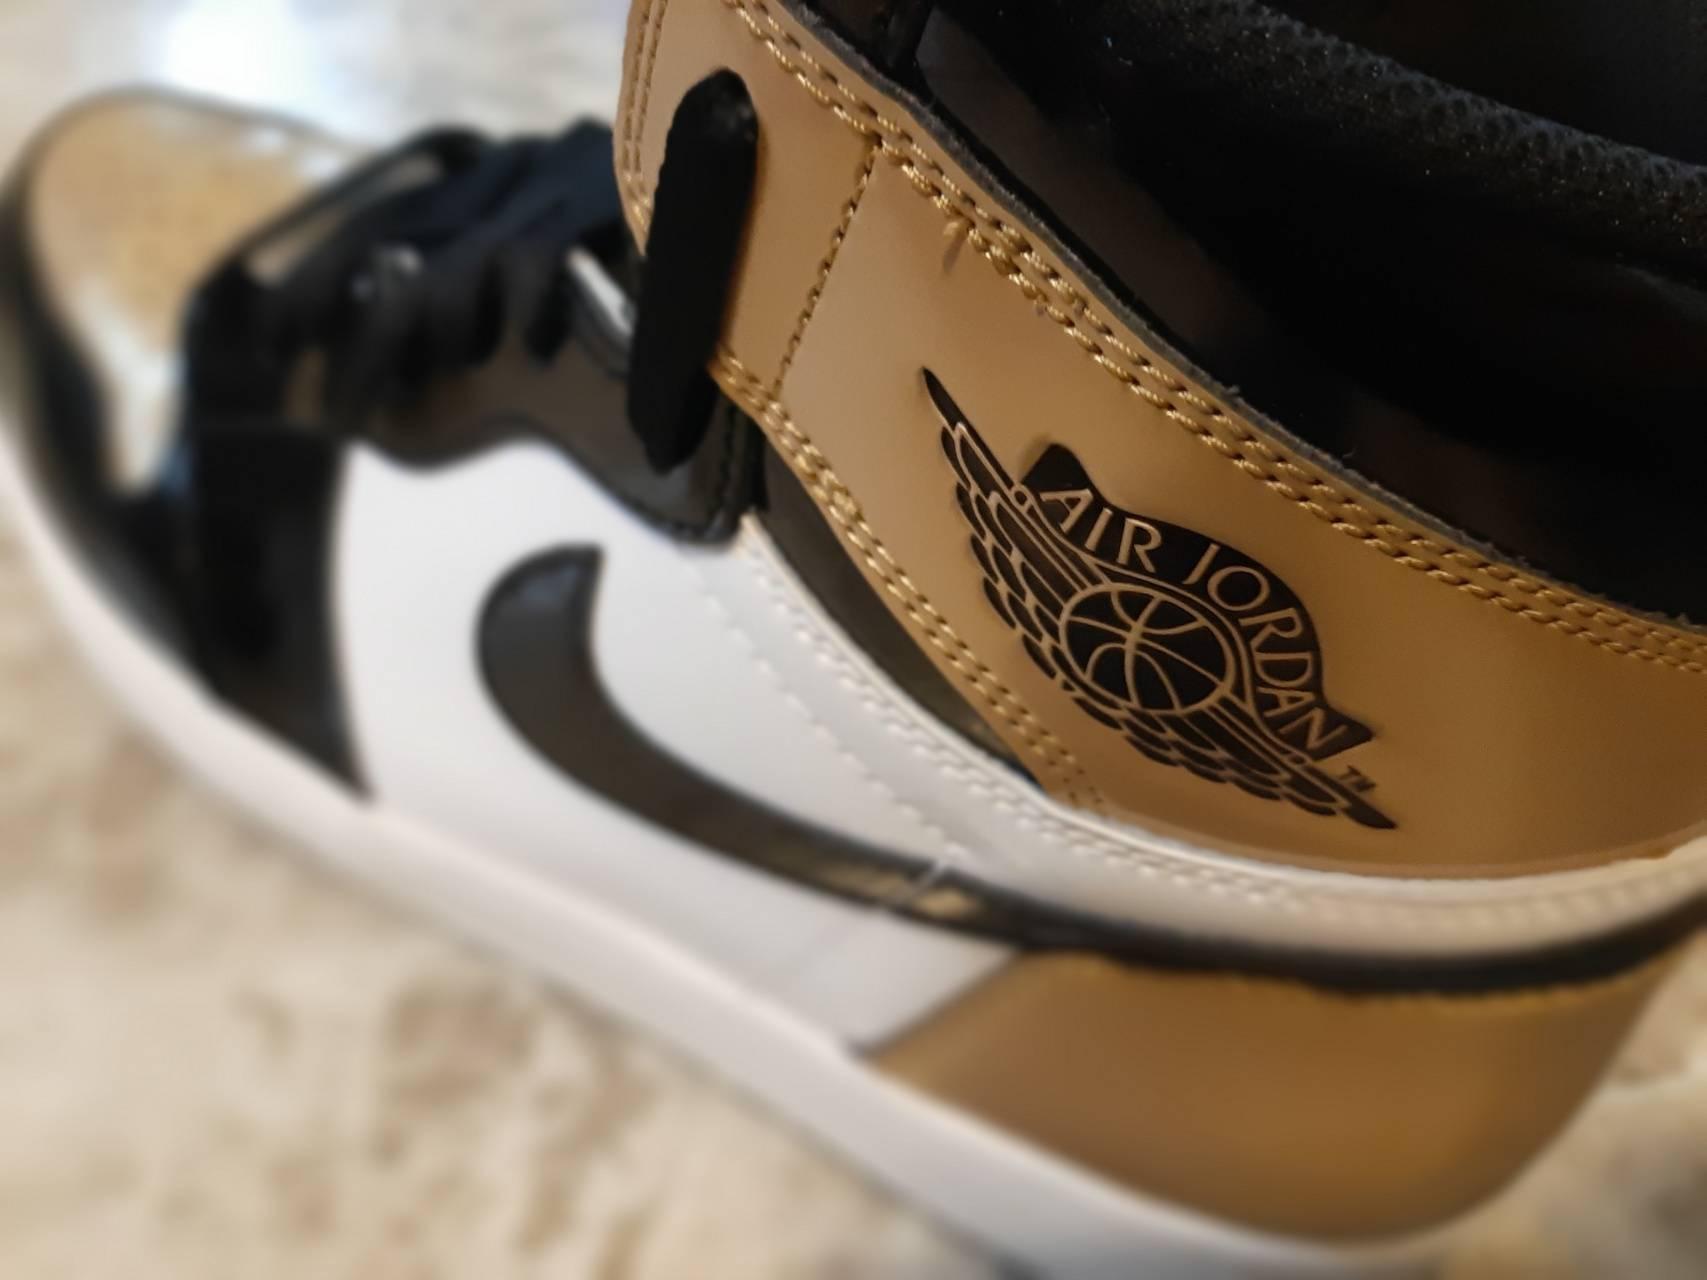 Gold Toe Air Jordan